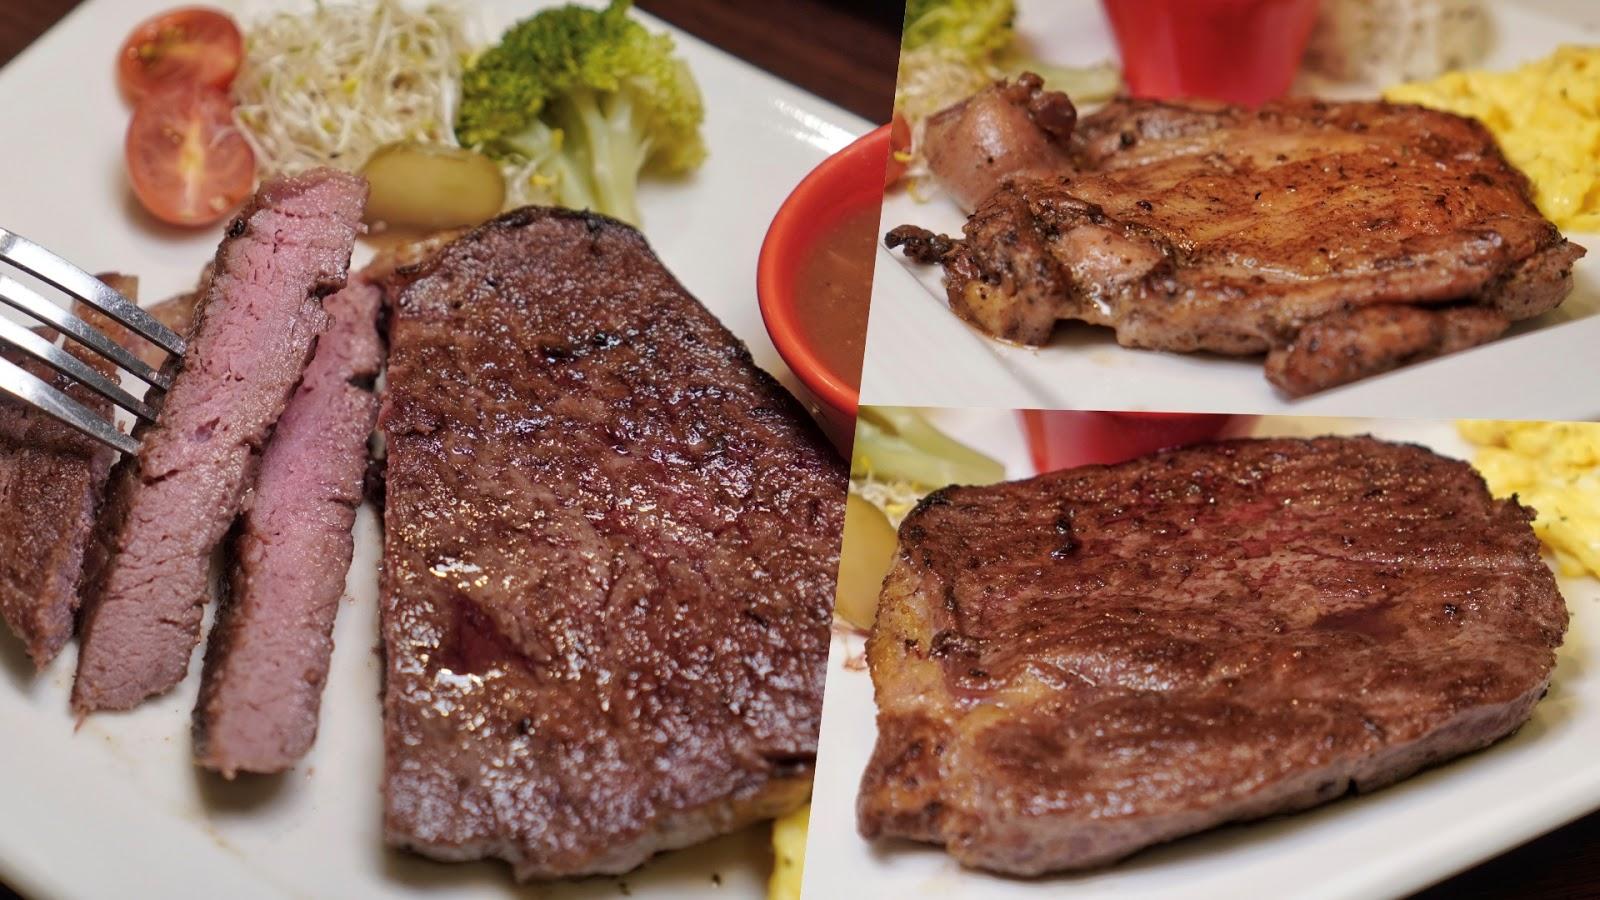 台南東區美食【大大力牛排館】台南平價排餐推薦,主打無油煙的瓷盤牛排,二樓還有沙拉吧吃到飽!